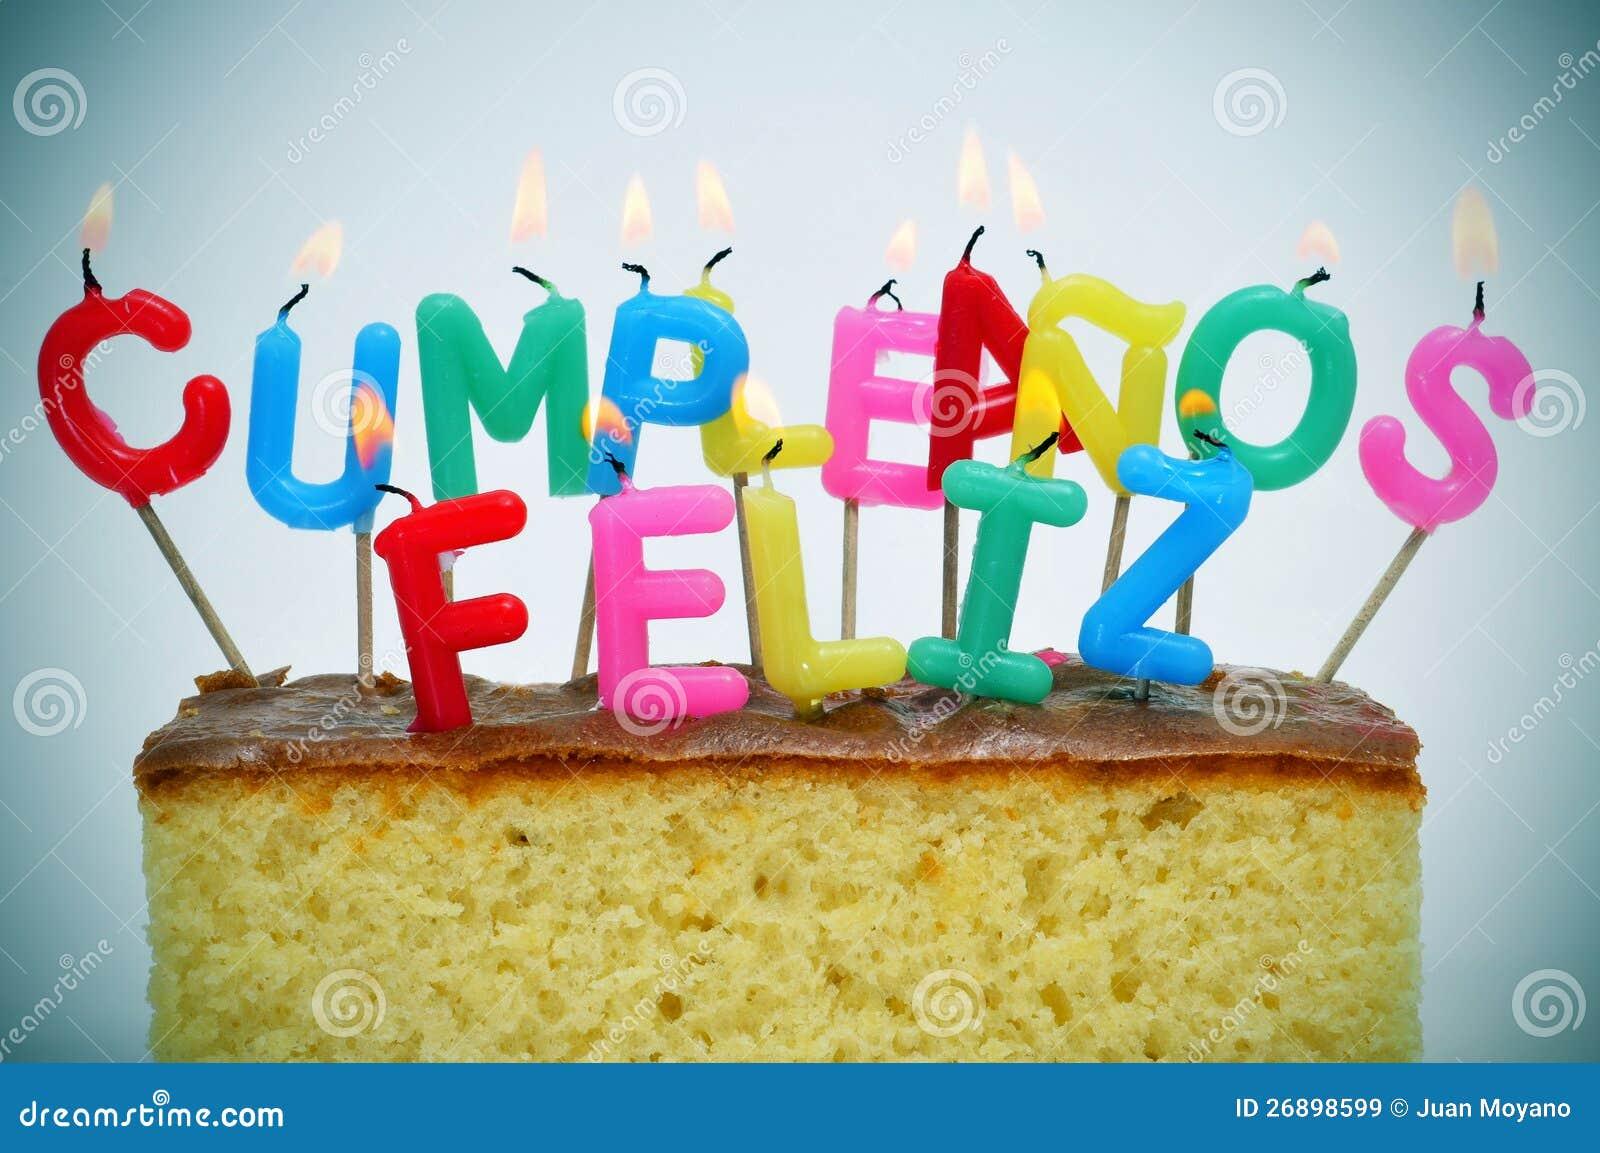 Поздравления с днем рождения на испанском с переводом